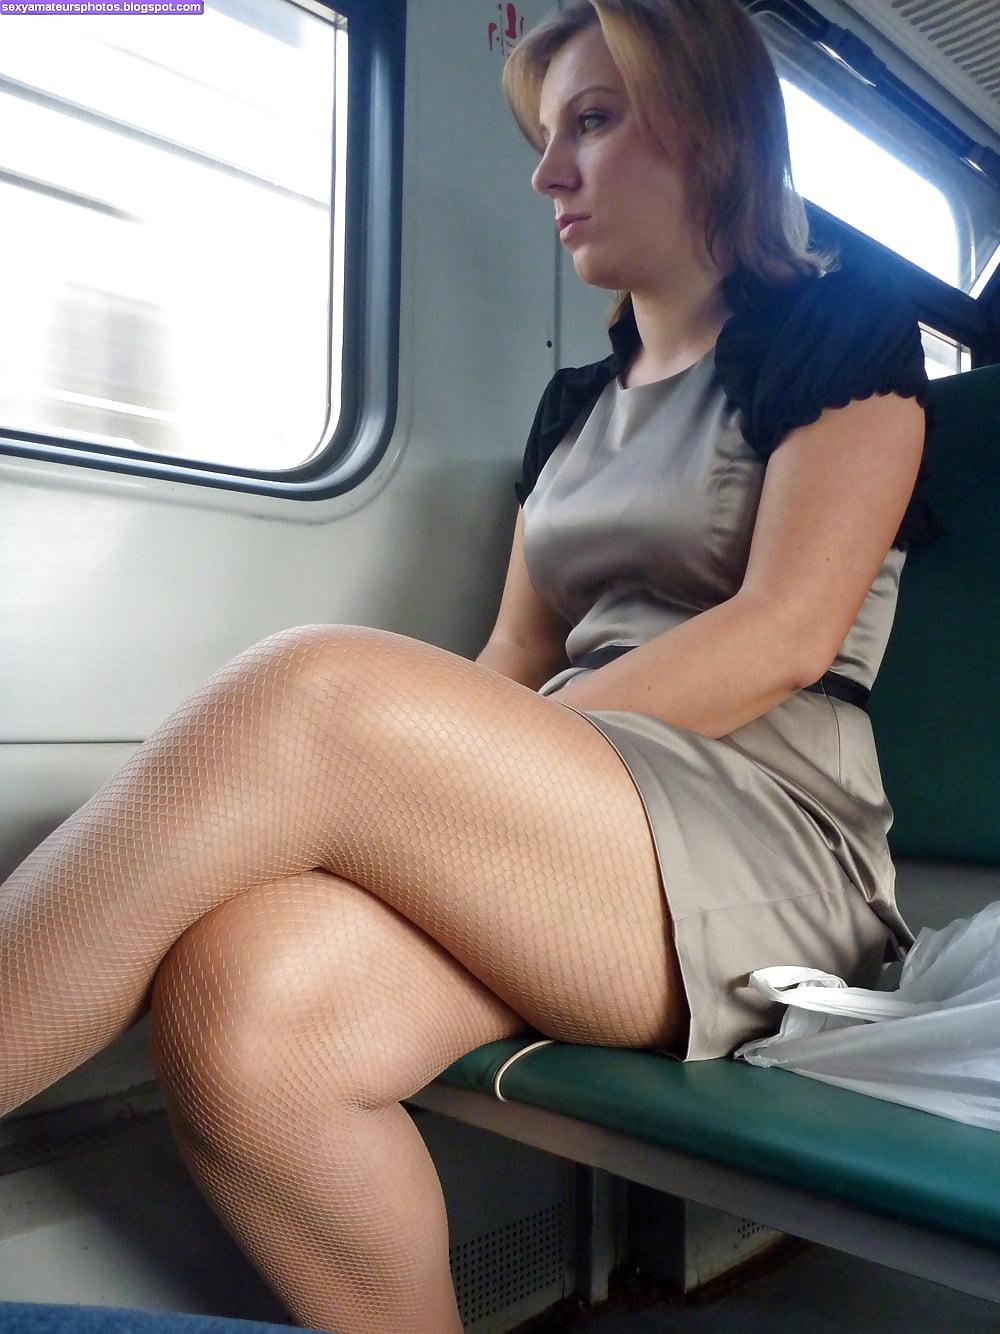 софья поезд эро машка предложила